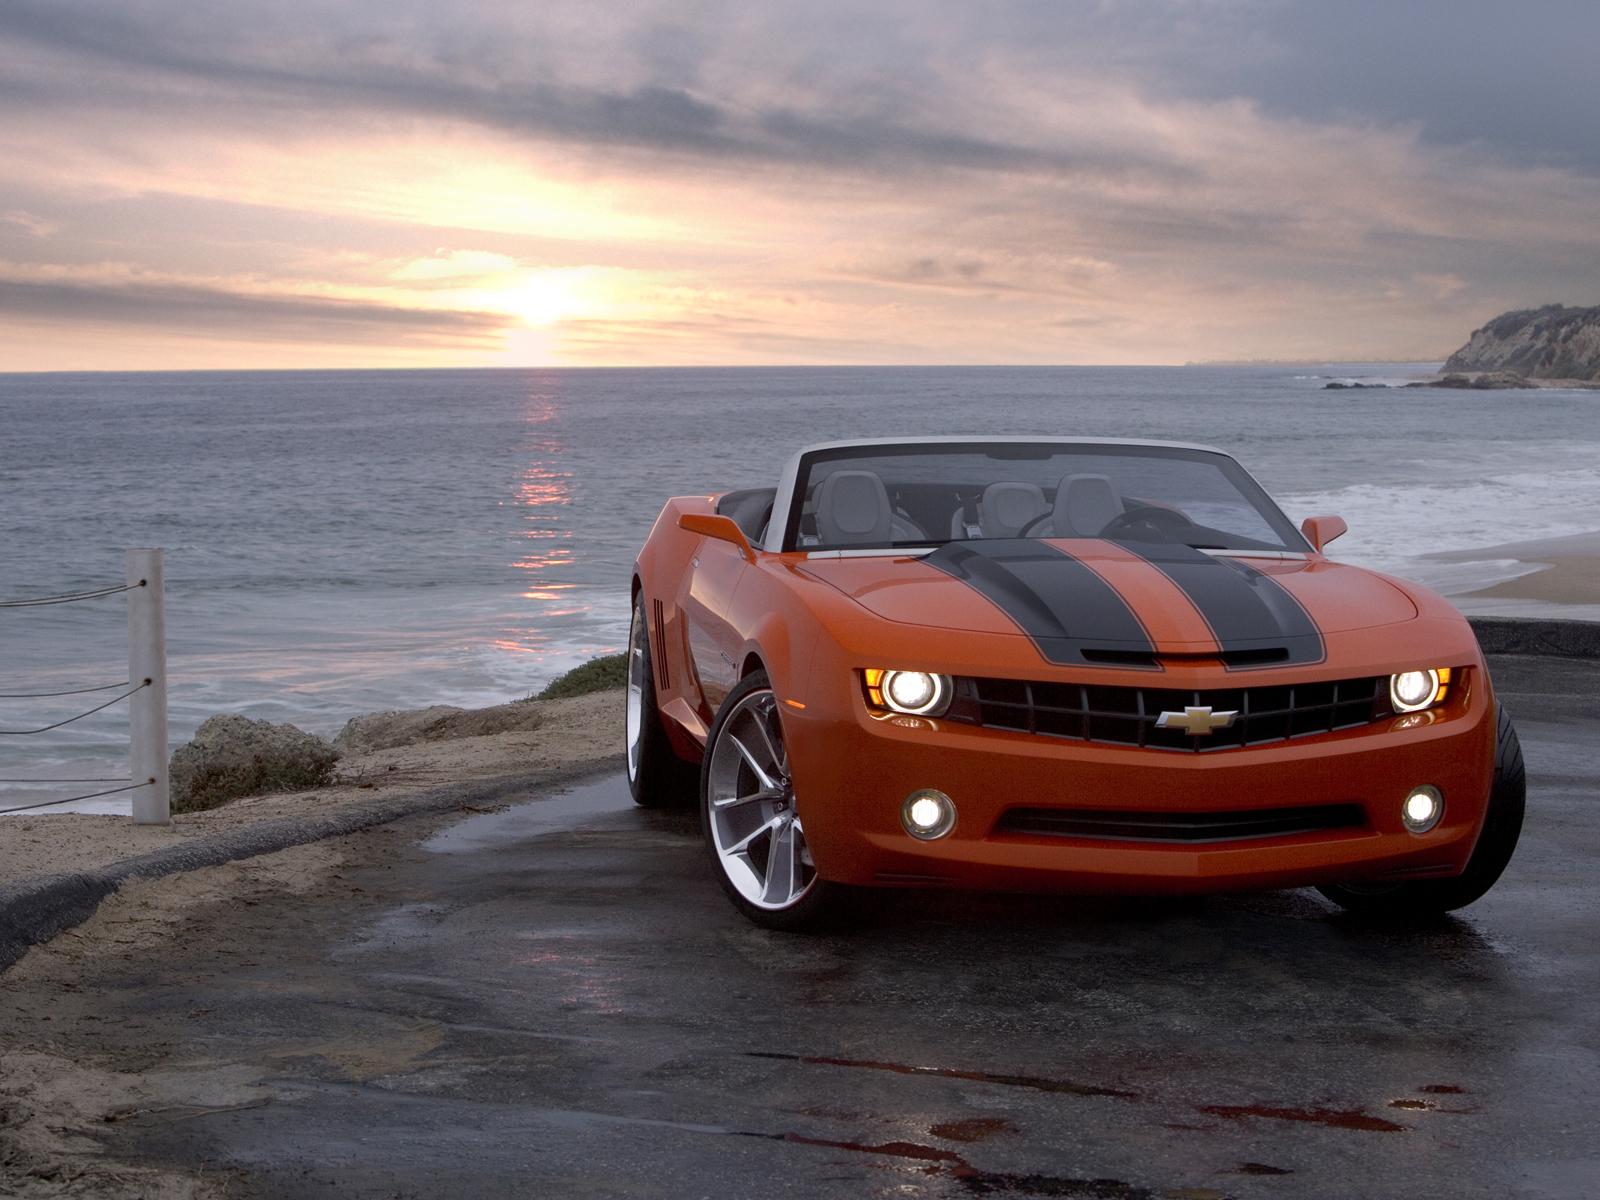 9493 скачать обои Транспорт, Машины, Шевроле (Chevrolet) - заставки и картинки бесплатно